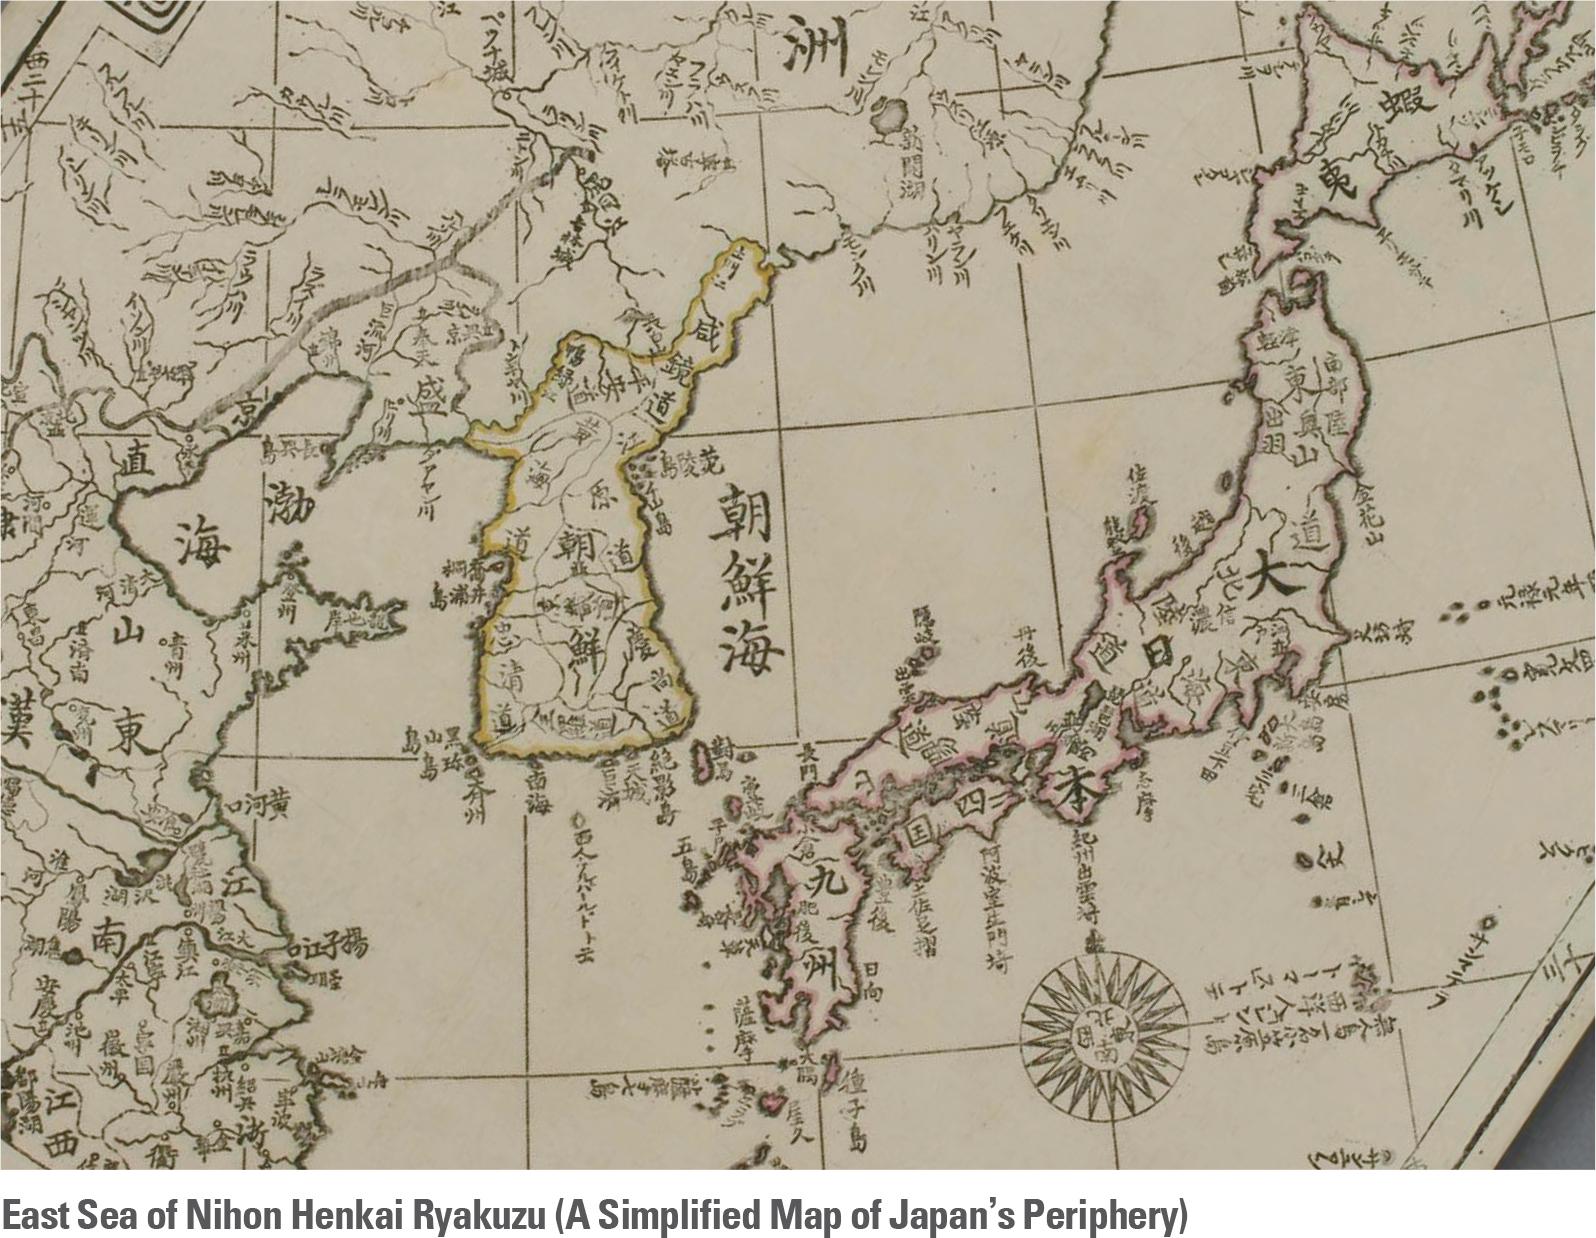 East Sea of Nihon Henkai Ryakuzu